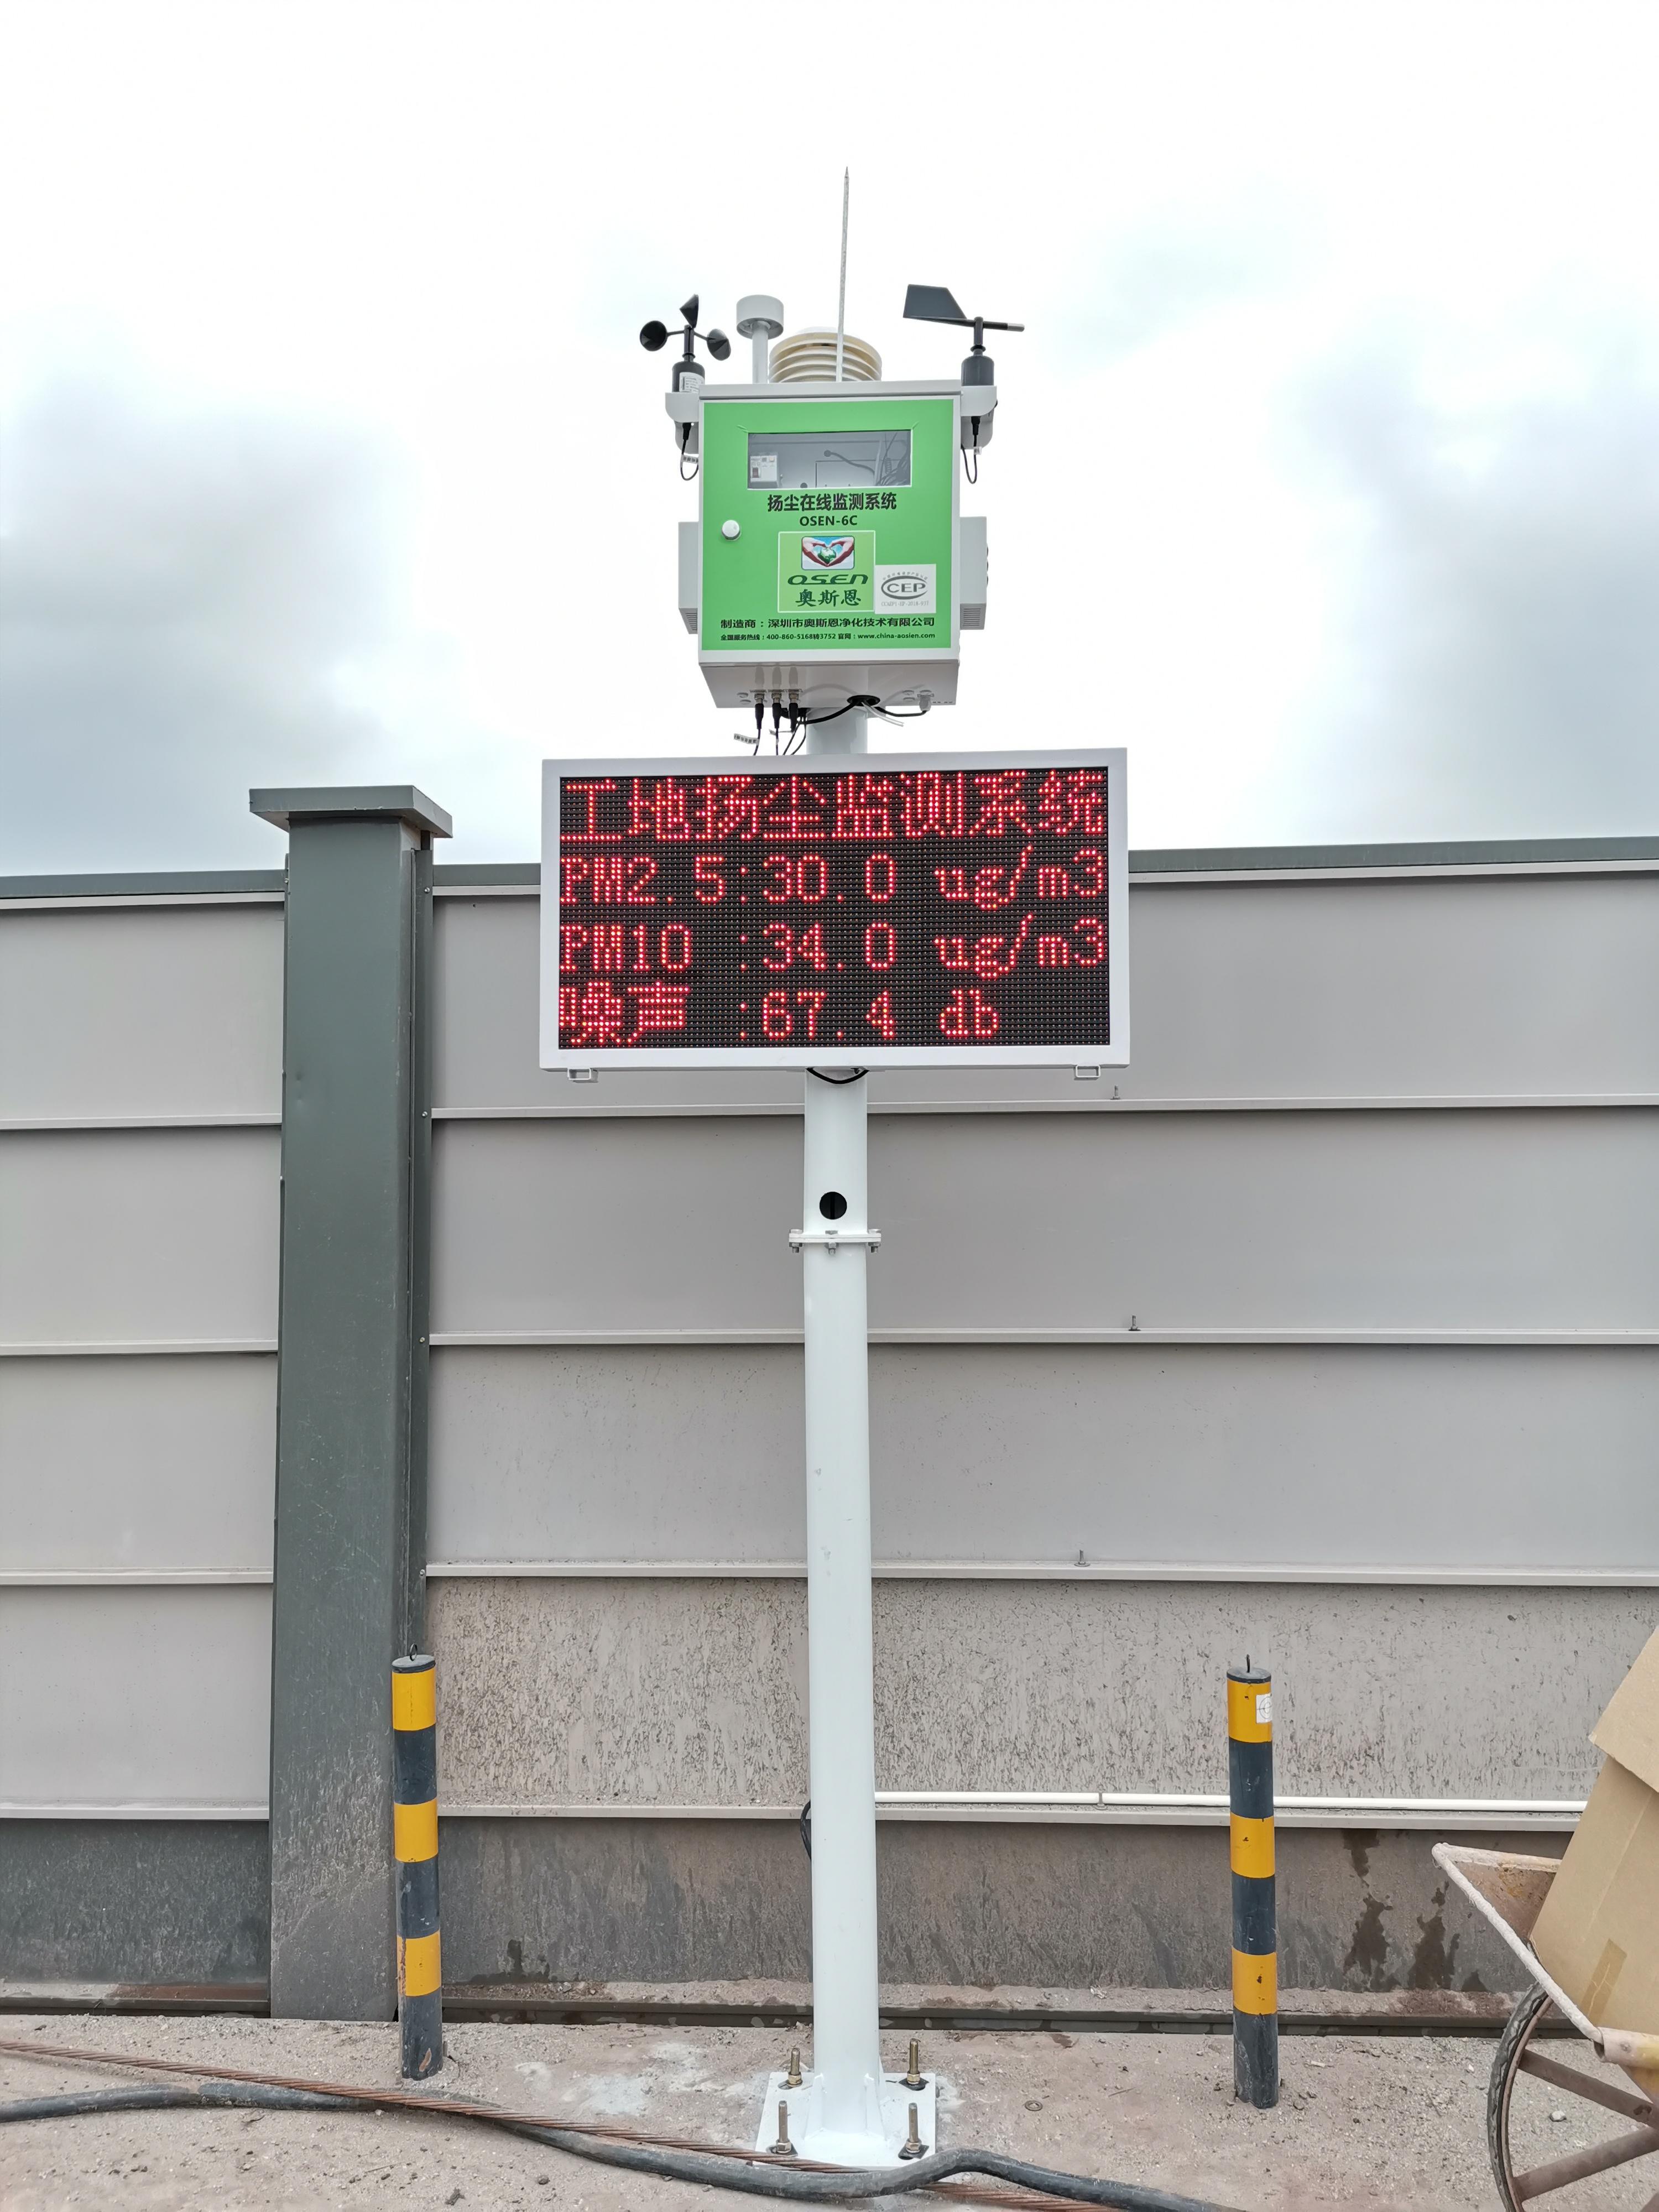 港口码头PM2.5浓度监测代理_露天货场厂家-深圳奥斯恩环境技术有限公司